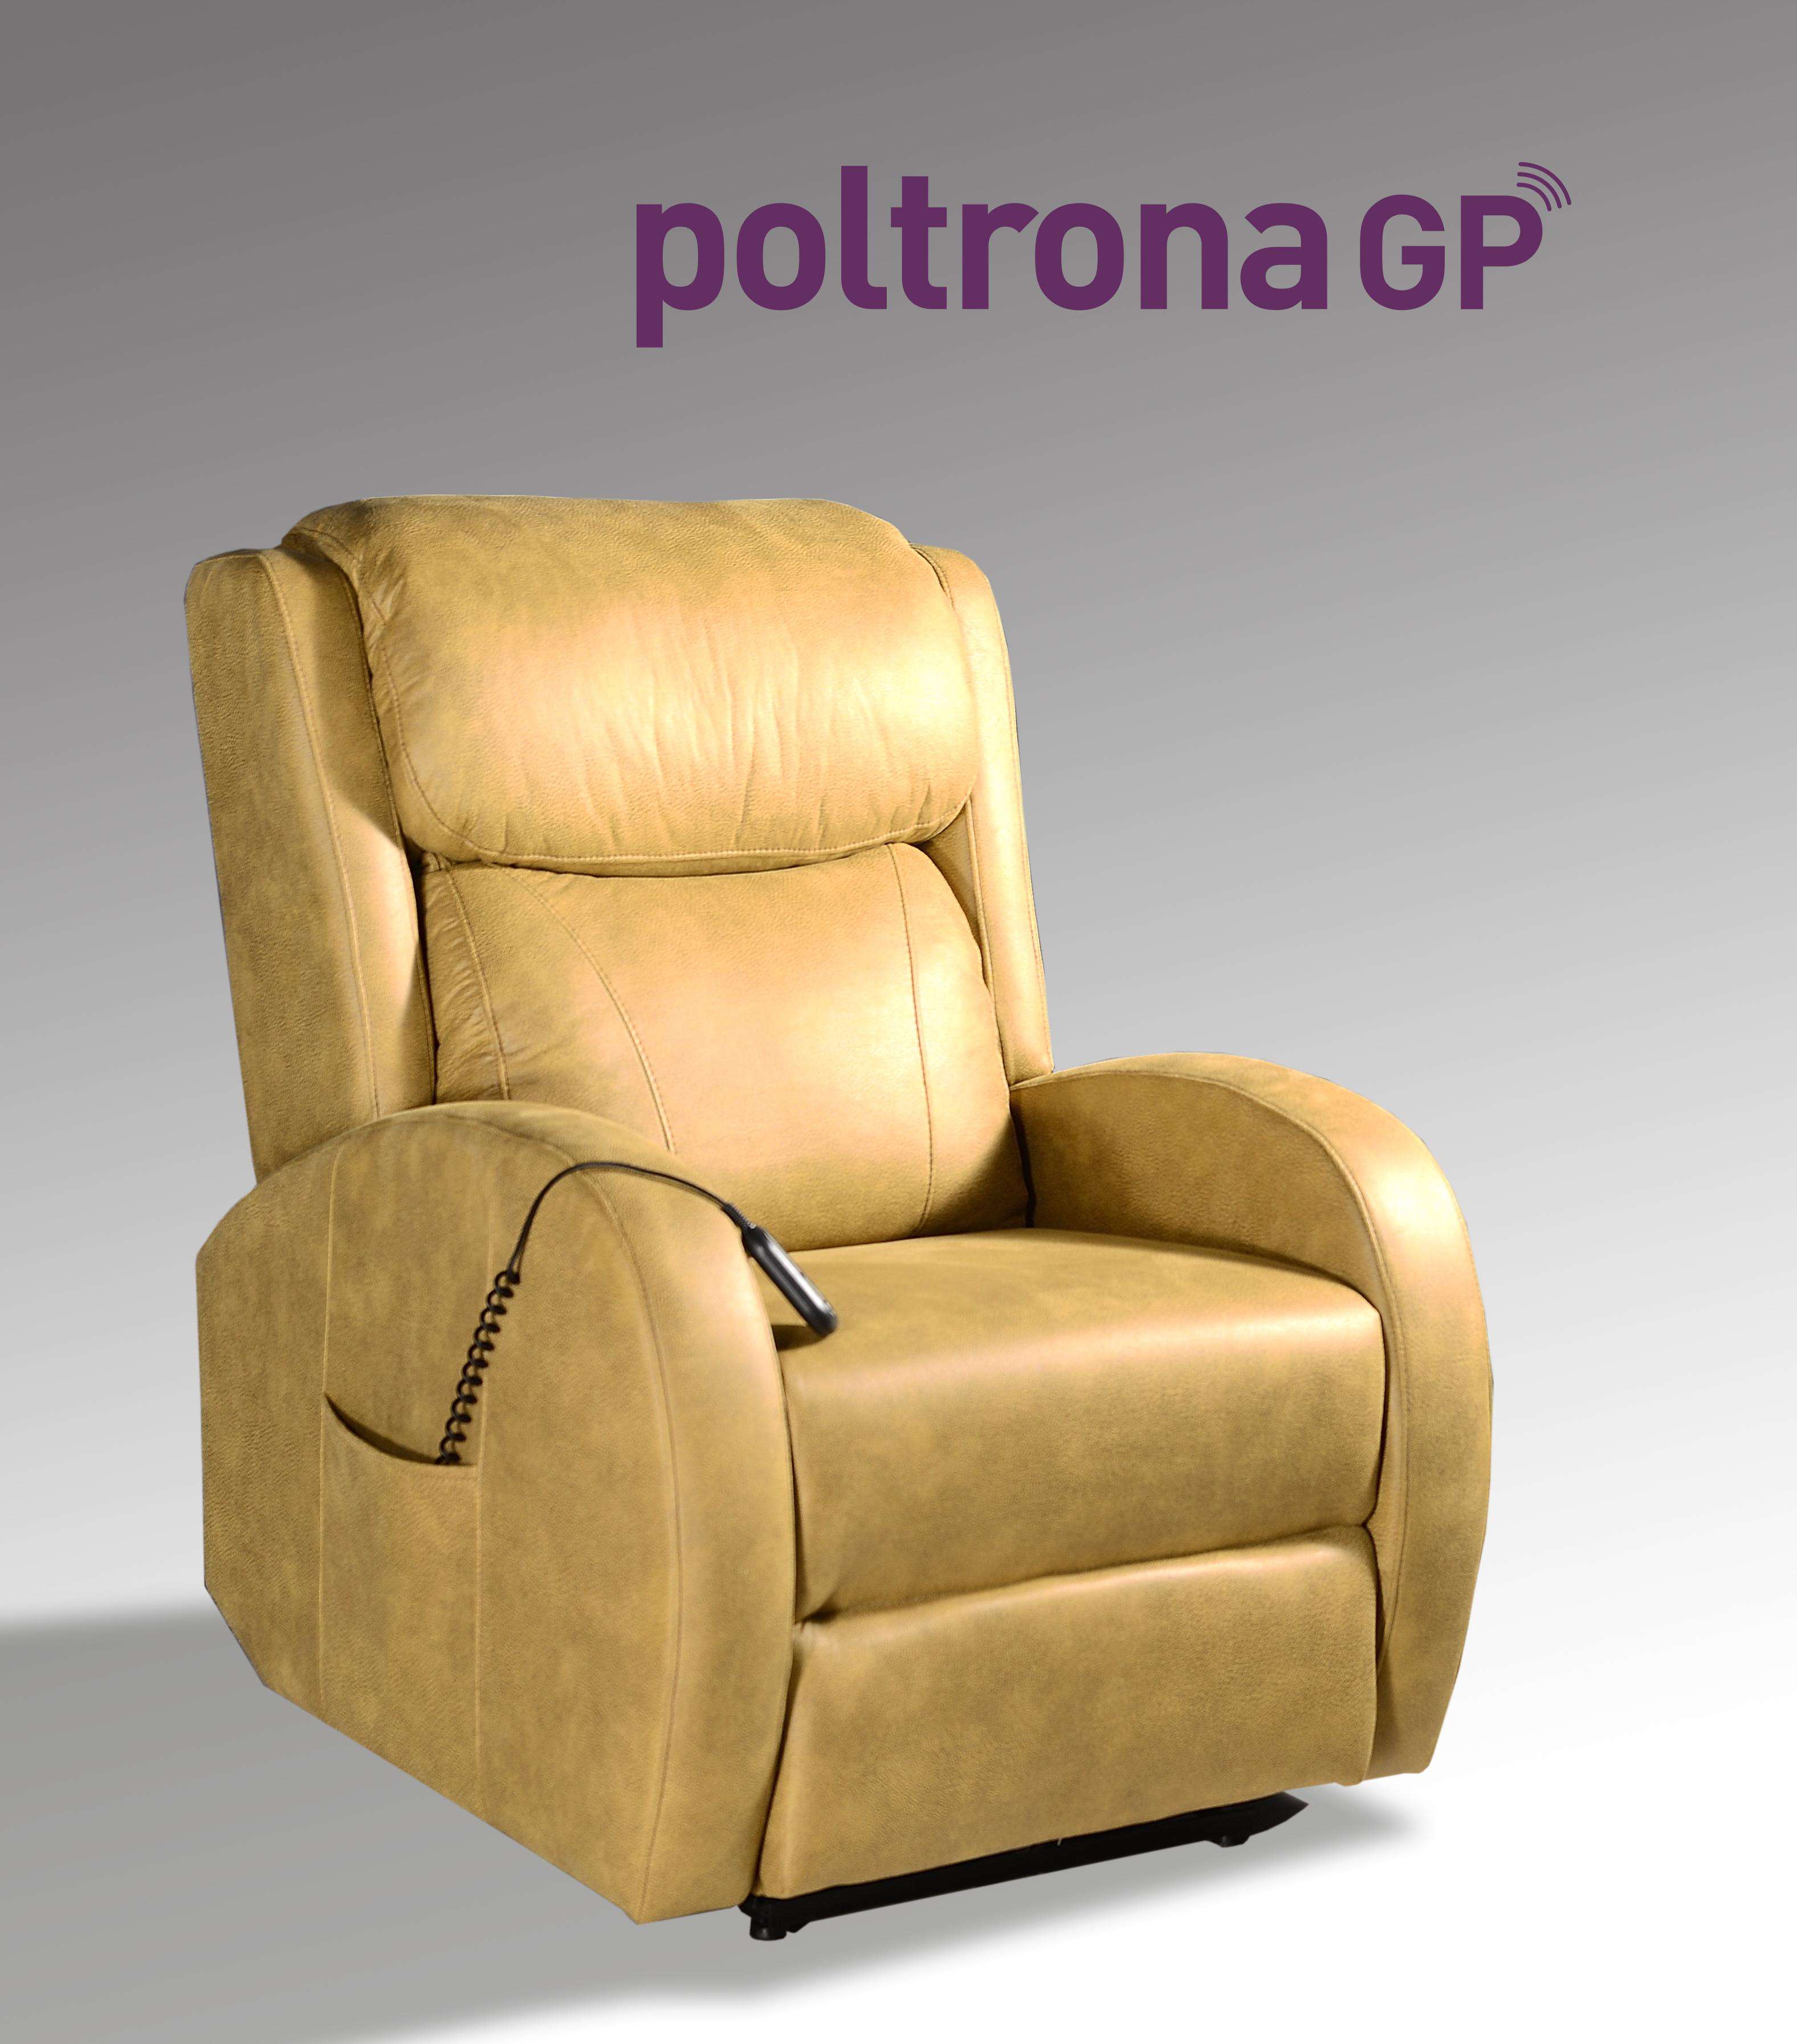 sillón con motor | poltronaGP